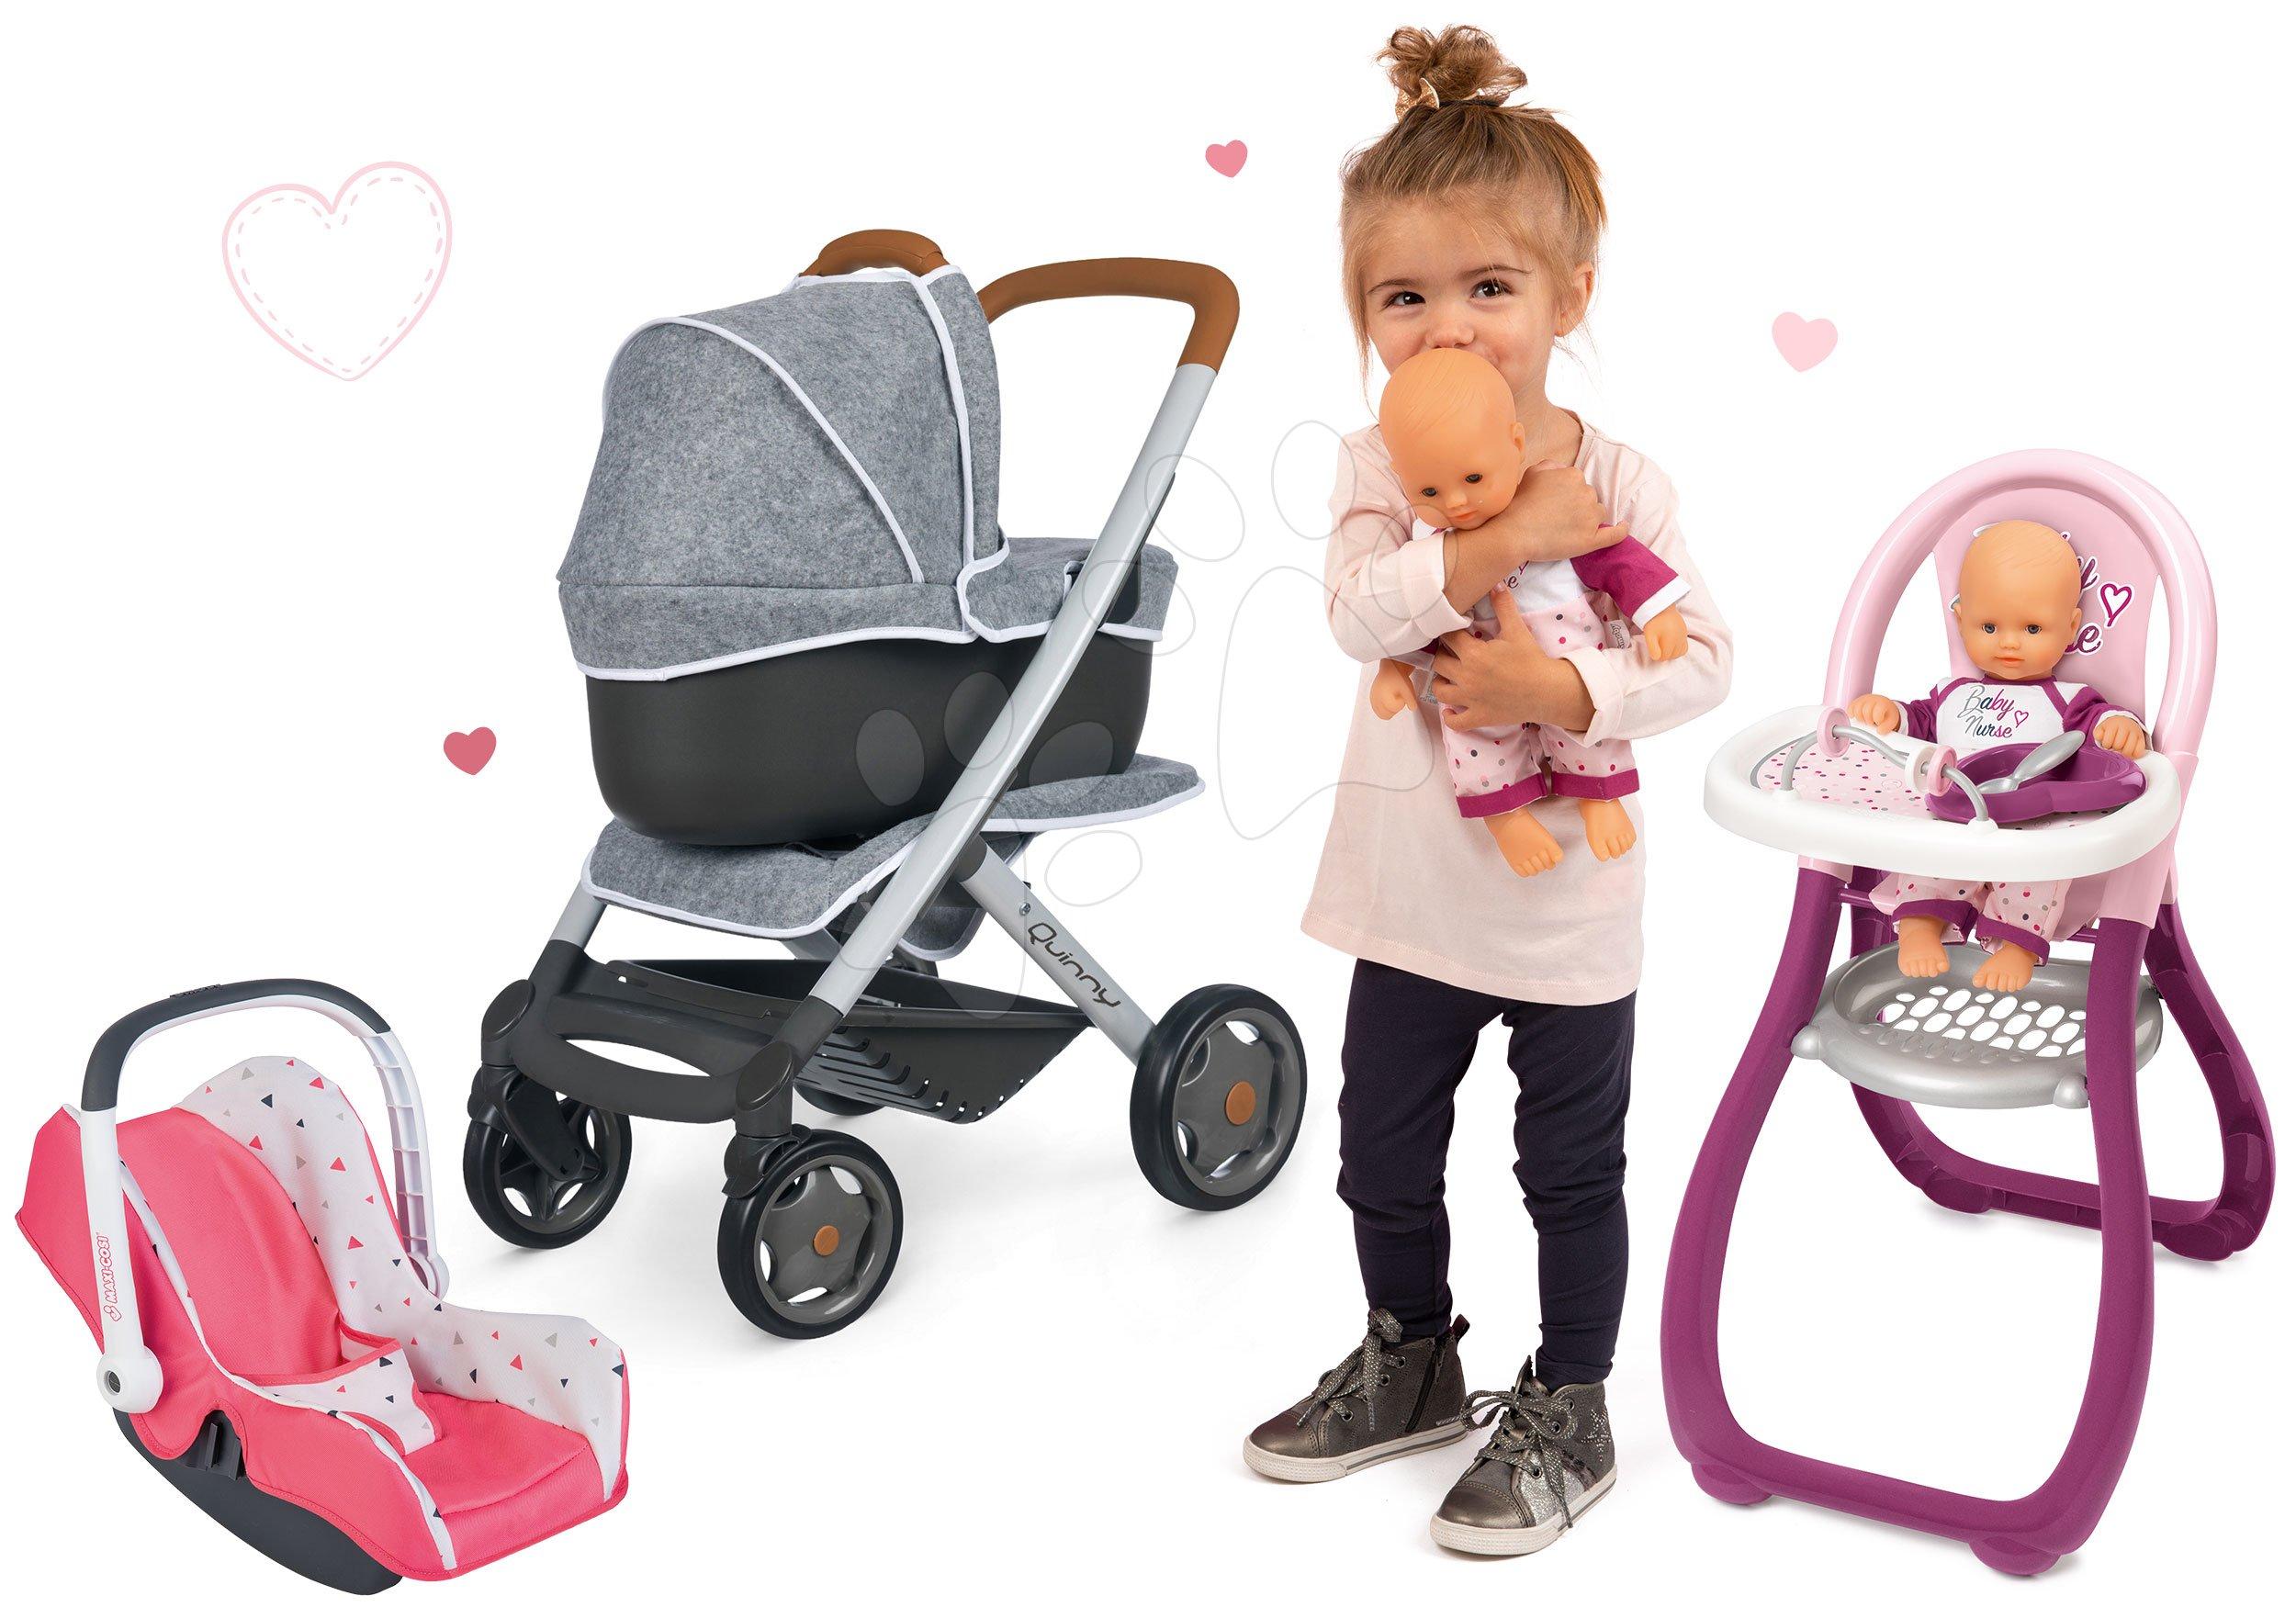 Set kočárek hluboký a sportovní DeLuxe Pastel Maxi Cosi&Quinny Grey 3v1 Smoby a autosedačka a jídelní židle s panenkou Violette